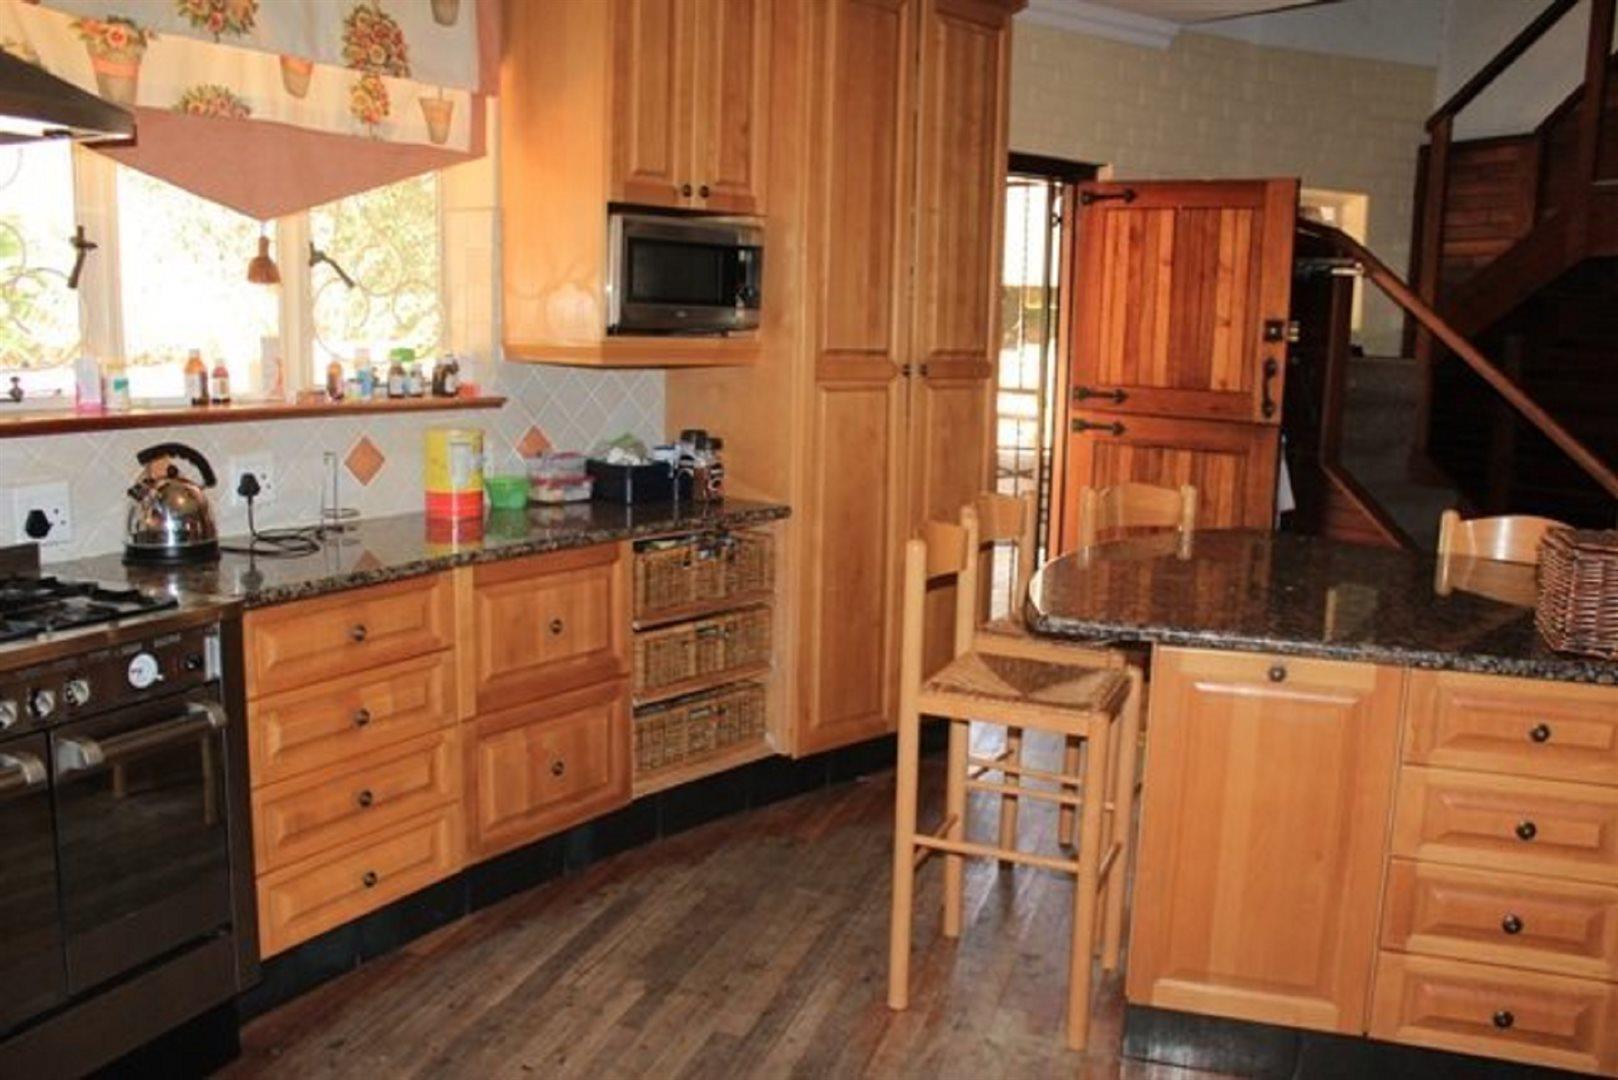 Pretoria North property for sale. Ref No: 13566737. Picture no 2